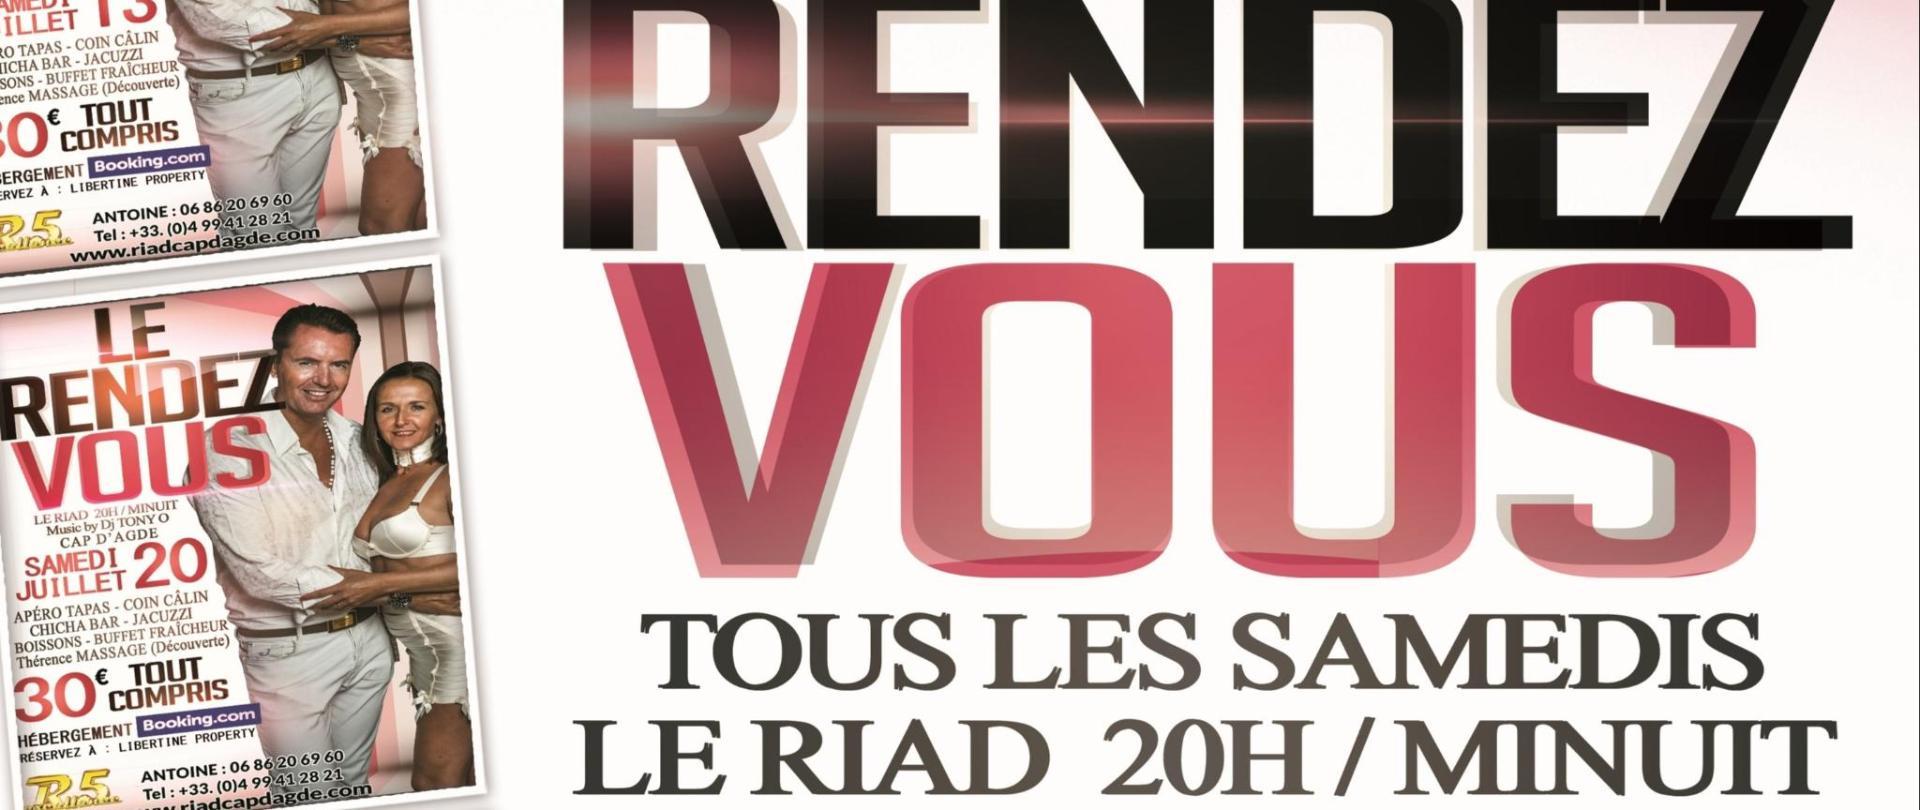 TOUS LES SAMEDIS LE RENDEZ-VOUS R5 LE RIAD